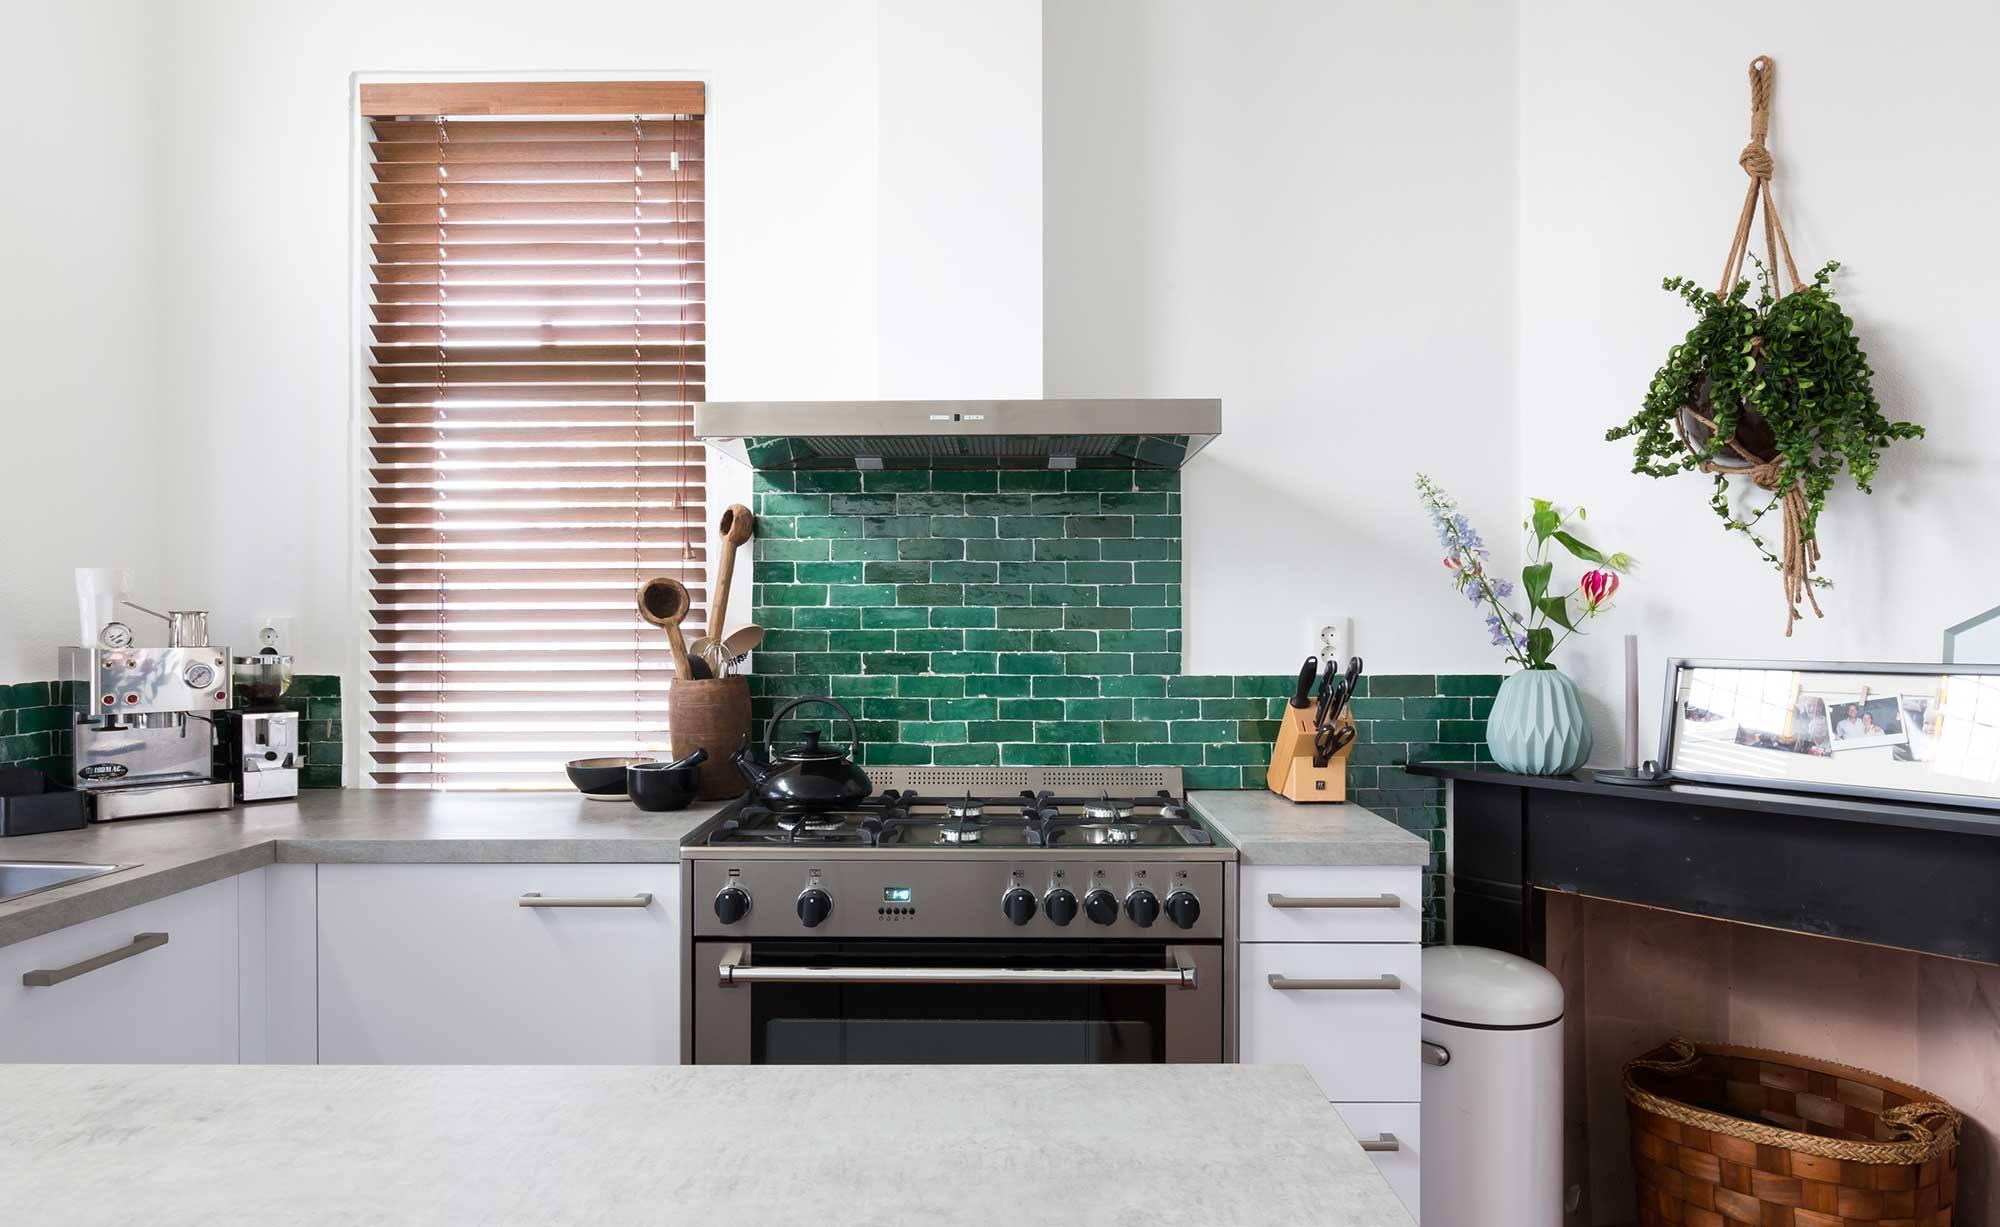 Keukentrends 2017. Mosgroene handgemaakte tegeltjes uit Marokko via Designtegels. De keuken is uit het programma verbouwen of verhuizen van VTWonen #vtwonen #keukentrends